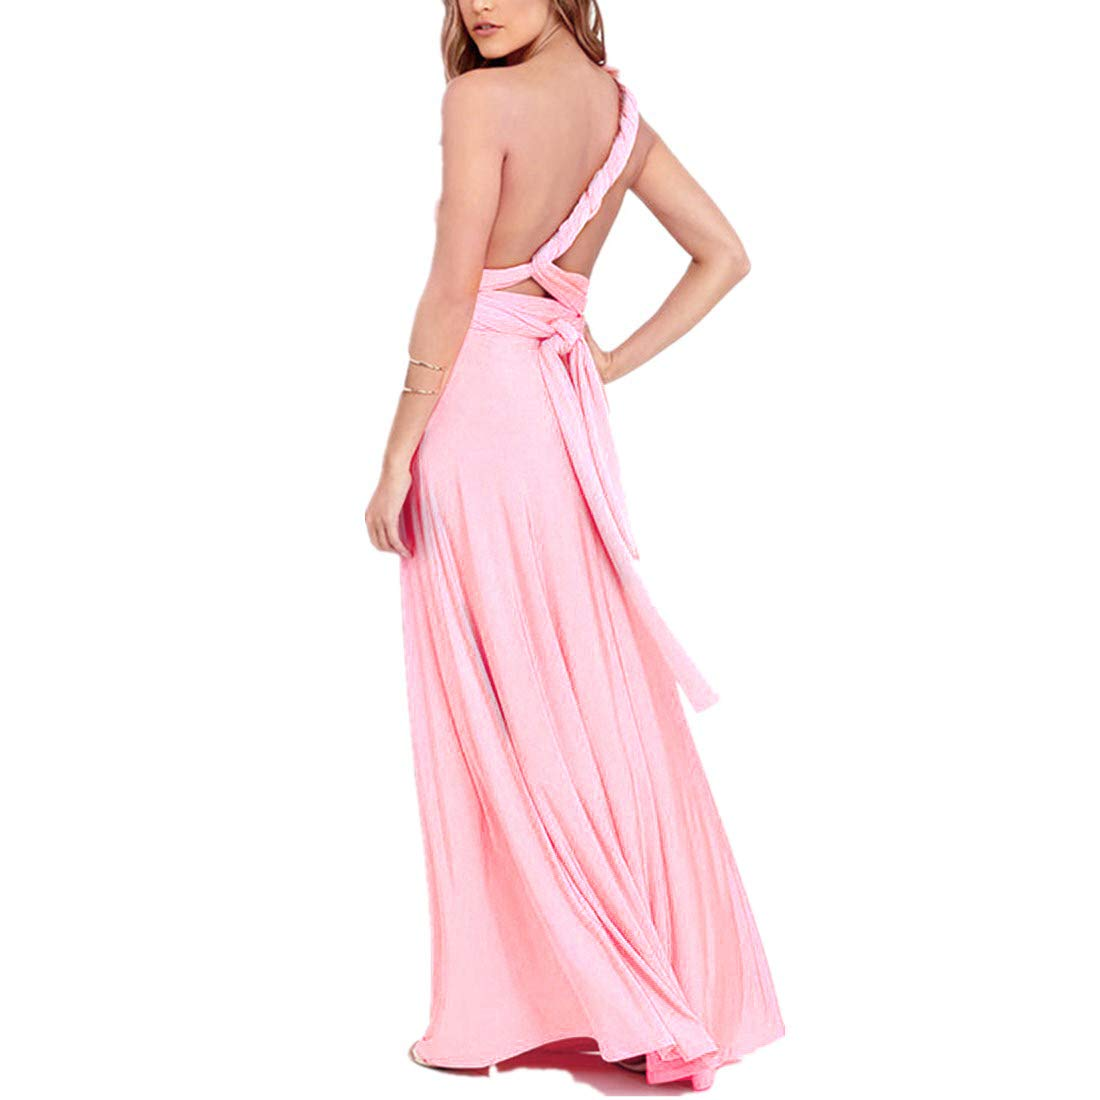 FYMNSI Vestido de Mujer Dama de Honor de la Boda Convertible de M/últiples V/ías V-Cuello Sin Mangas Maxi Largo de Boho Noche Ceremonia Vestidos de C/óctel Elegante Verano Multiway Dress